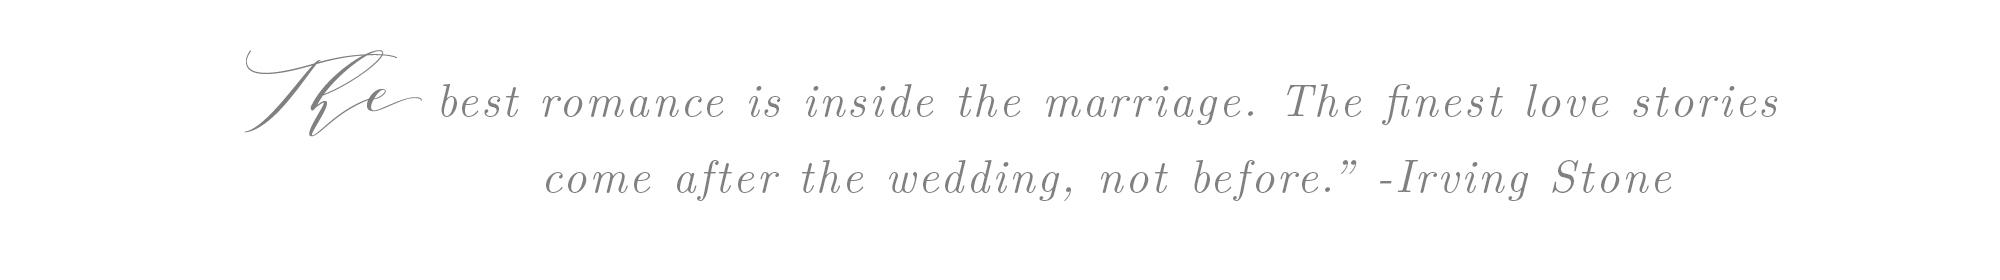 marriagequote.jpg